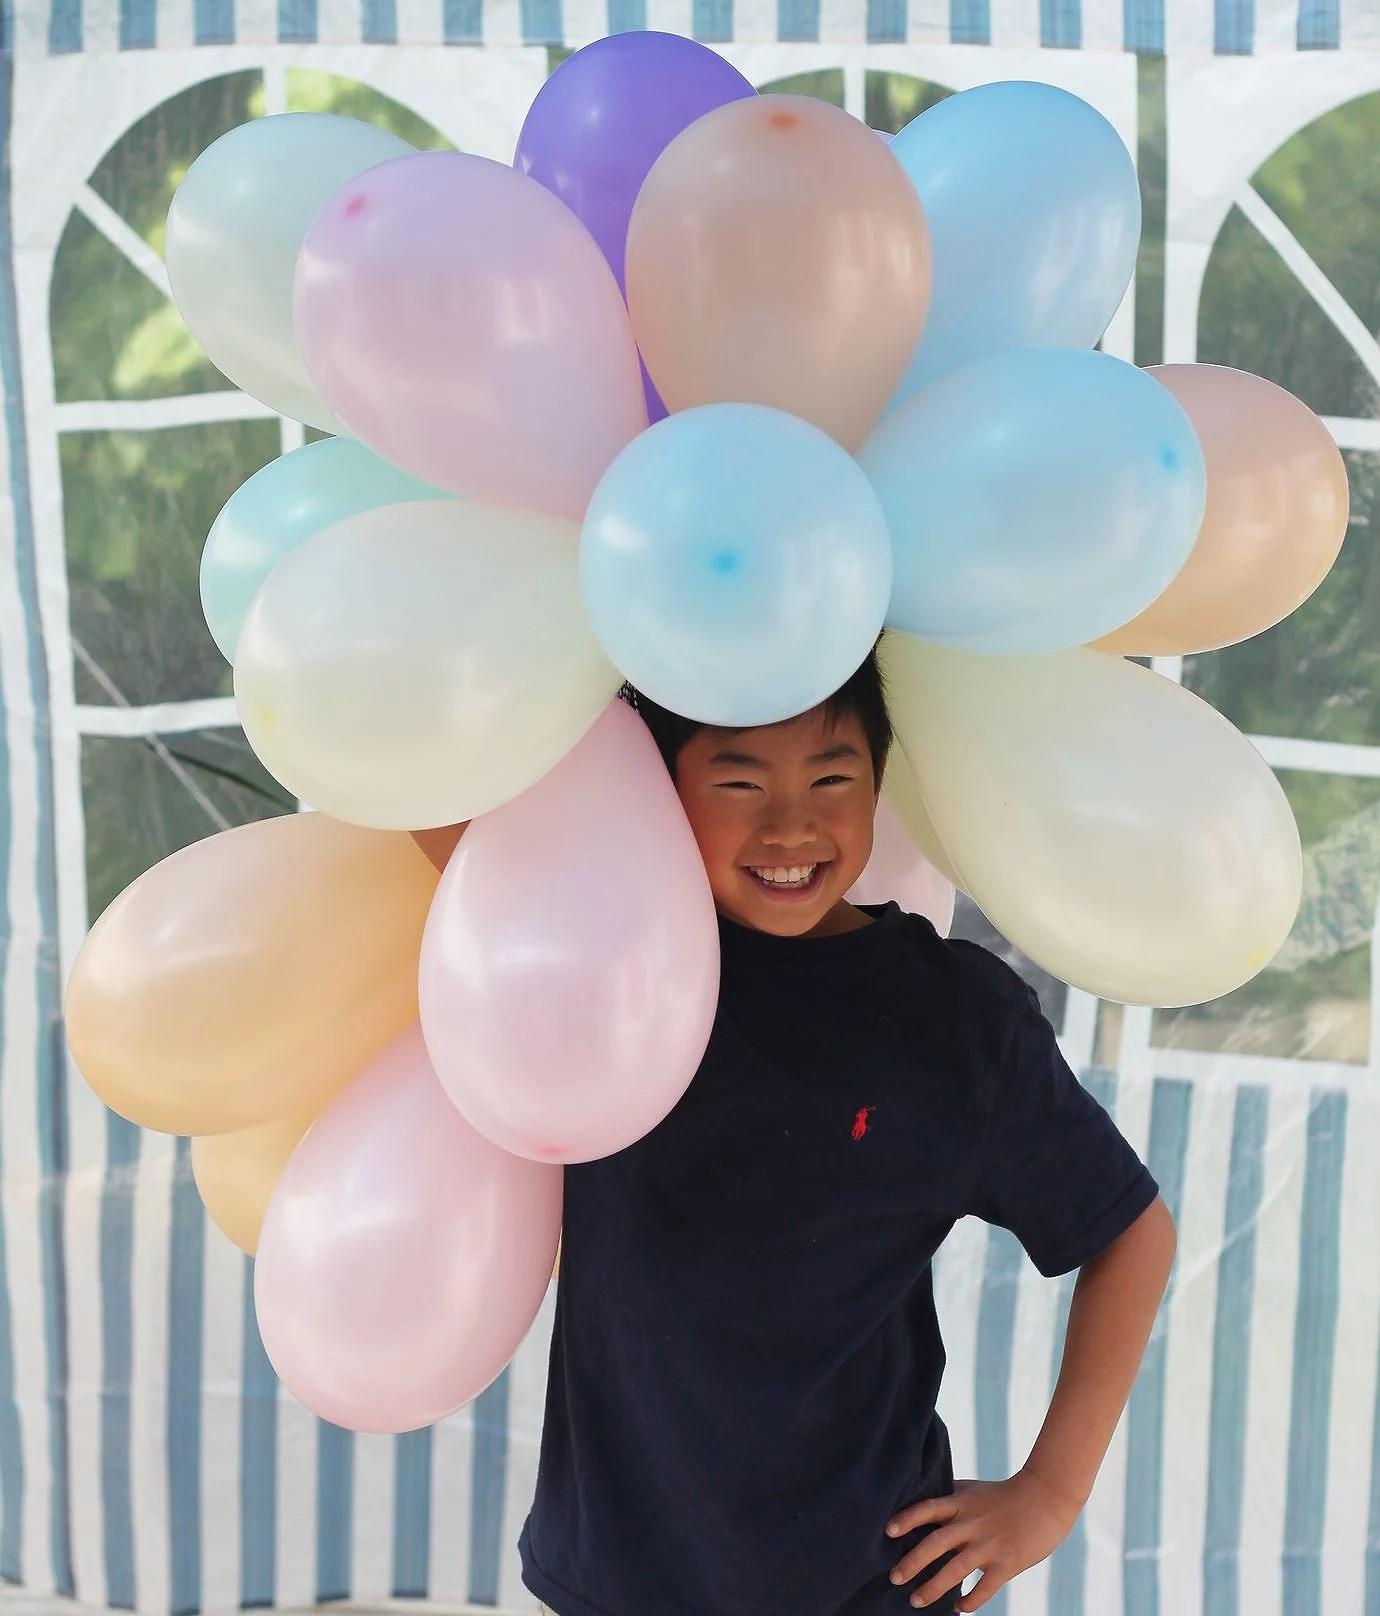 Vinces fyller 9 år och bjuder in till sommarfest!